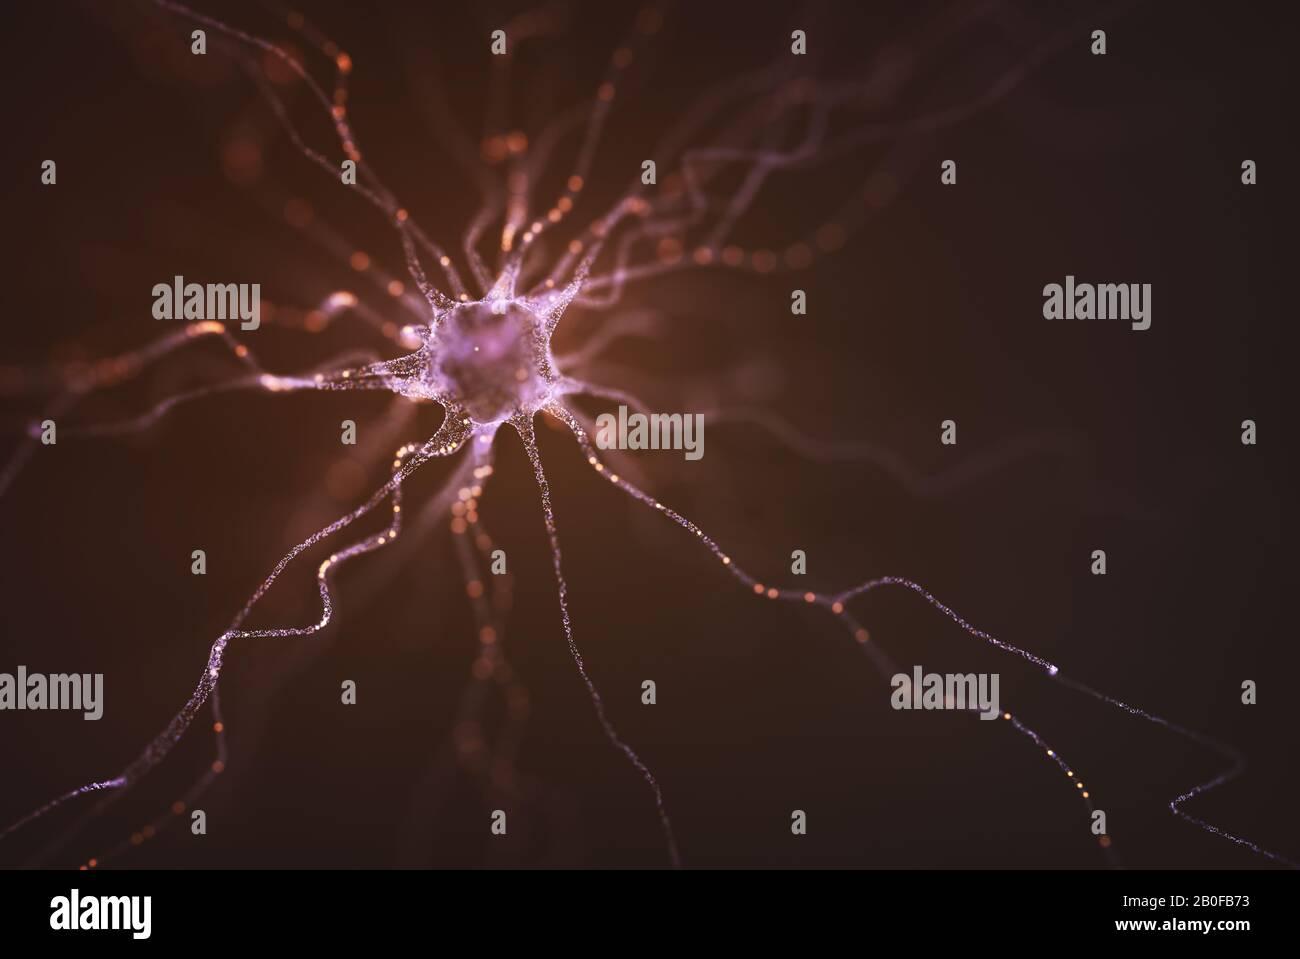 Image conceptuelle d'un neurone alimenté par une charge électrique. Concept de la science et de la recherche du cerveau humain, illustration tridimensionnelle. Banque D'Images